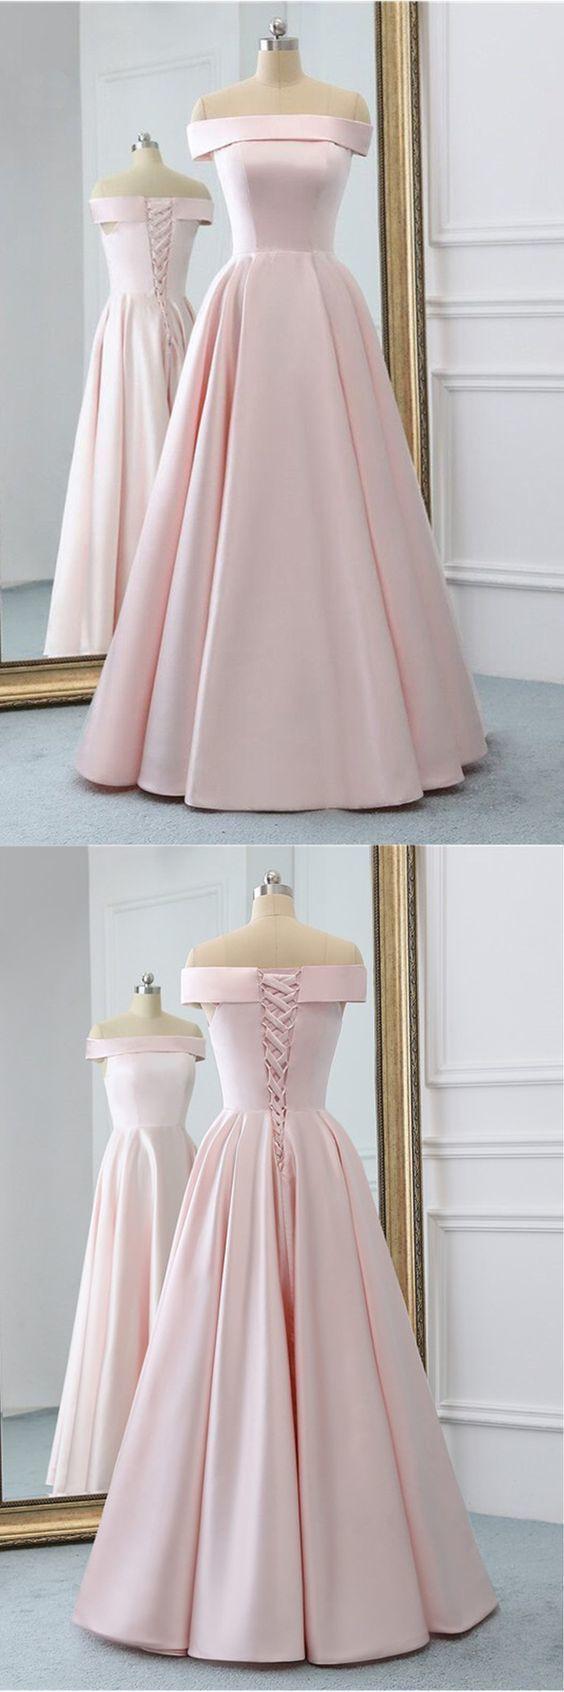 10 Perfekt Abendkleider Rose Vertrieb17 Luxurius Abendkleider Rose Galerie